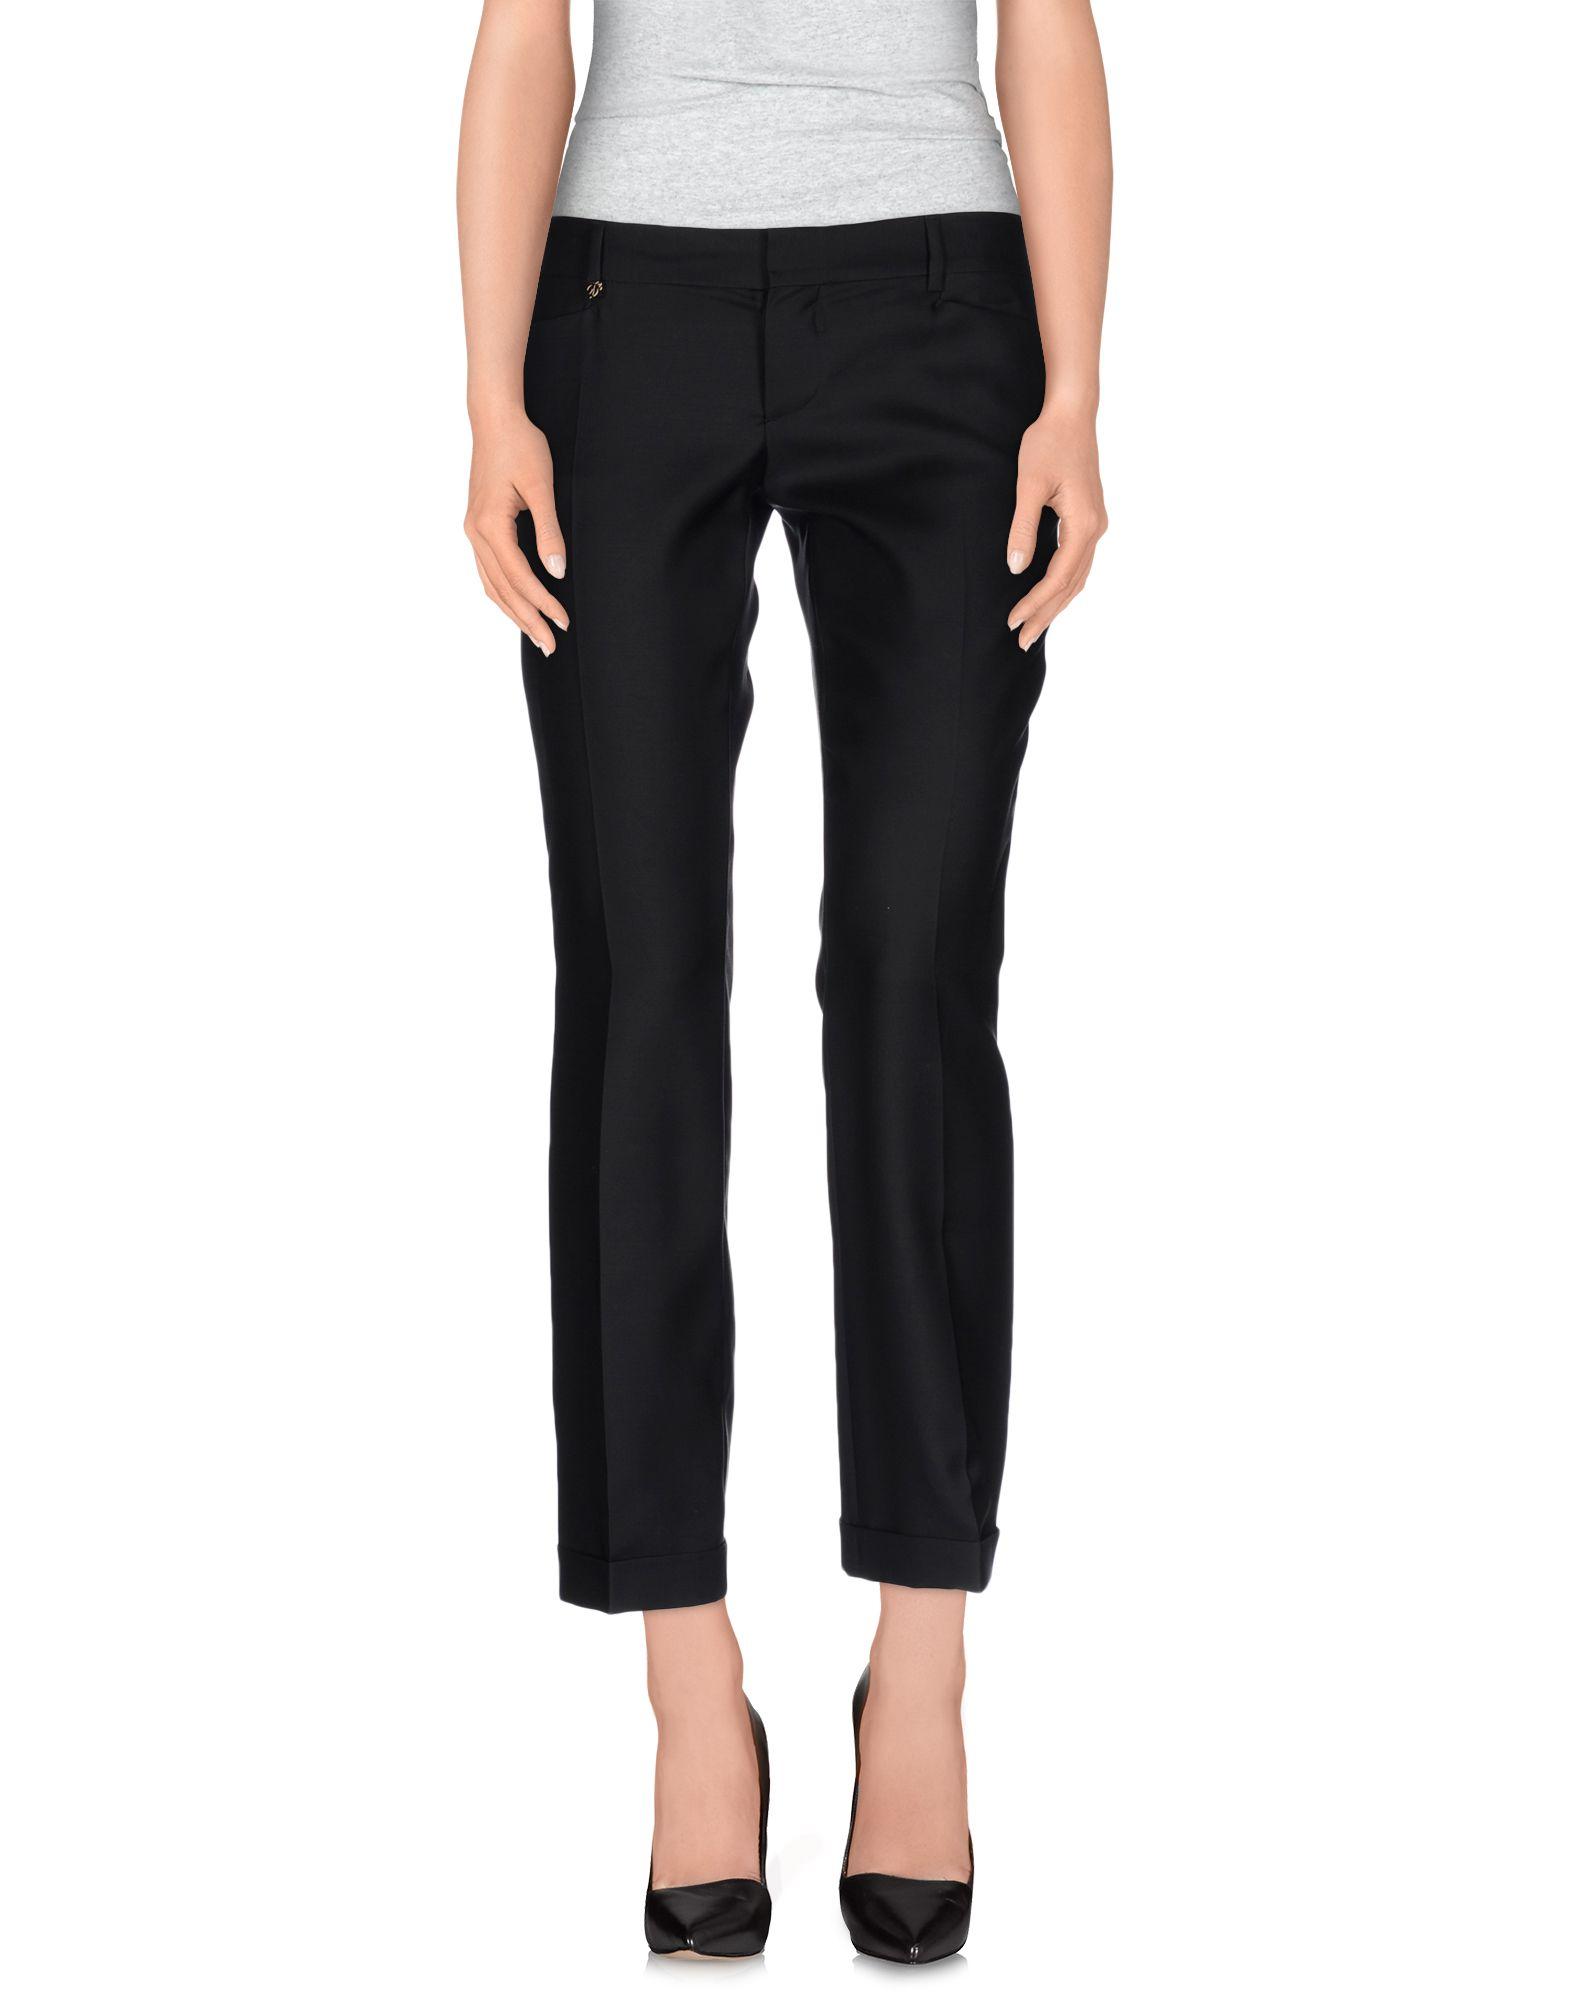 Pantalone Dsquared2 Donna - Acquista online su Y3iao